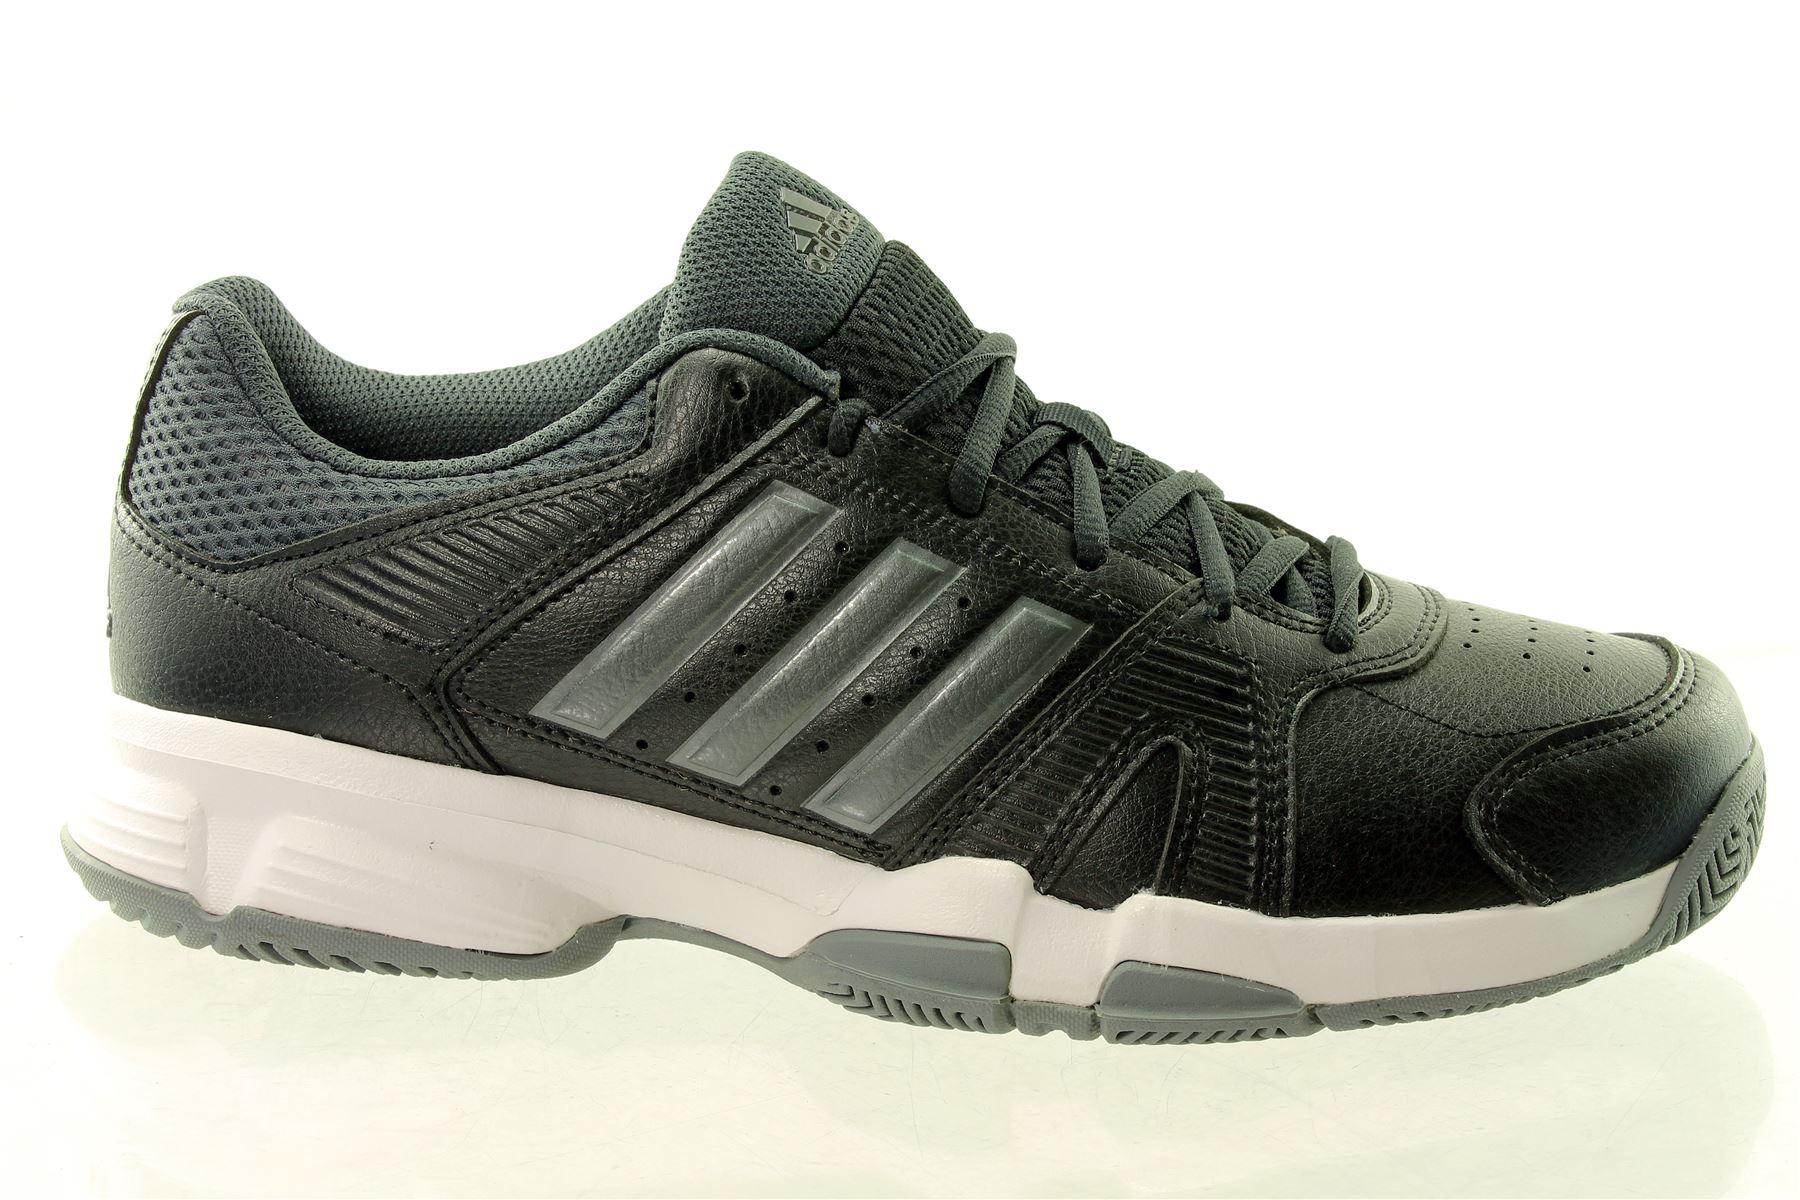 4a27ee4a666108 Trwa ładowanie zdjęcia adidas-Barracks-F10 -B40216-Mens-Trainers-Training-SIZE-